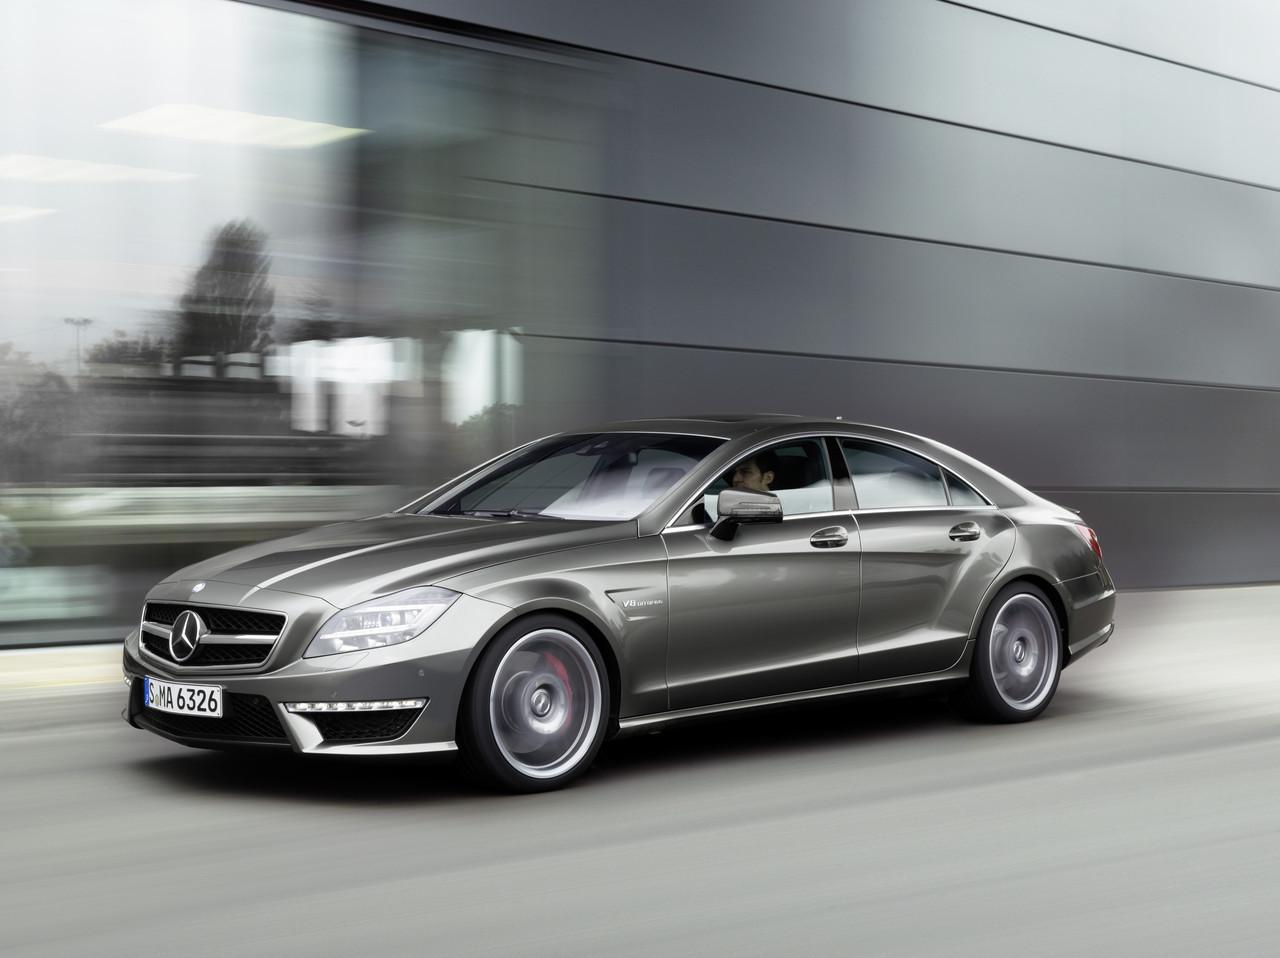 Foto de Mercedes CLS 63 AMG 2011 (10/30)